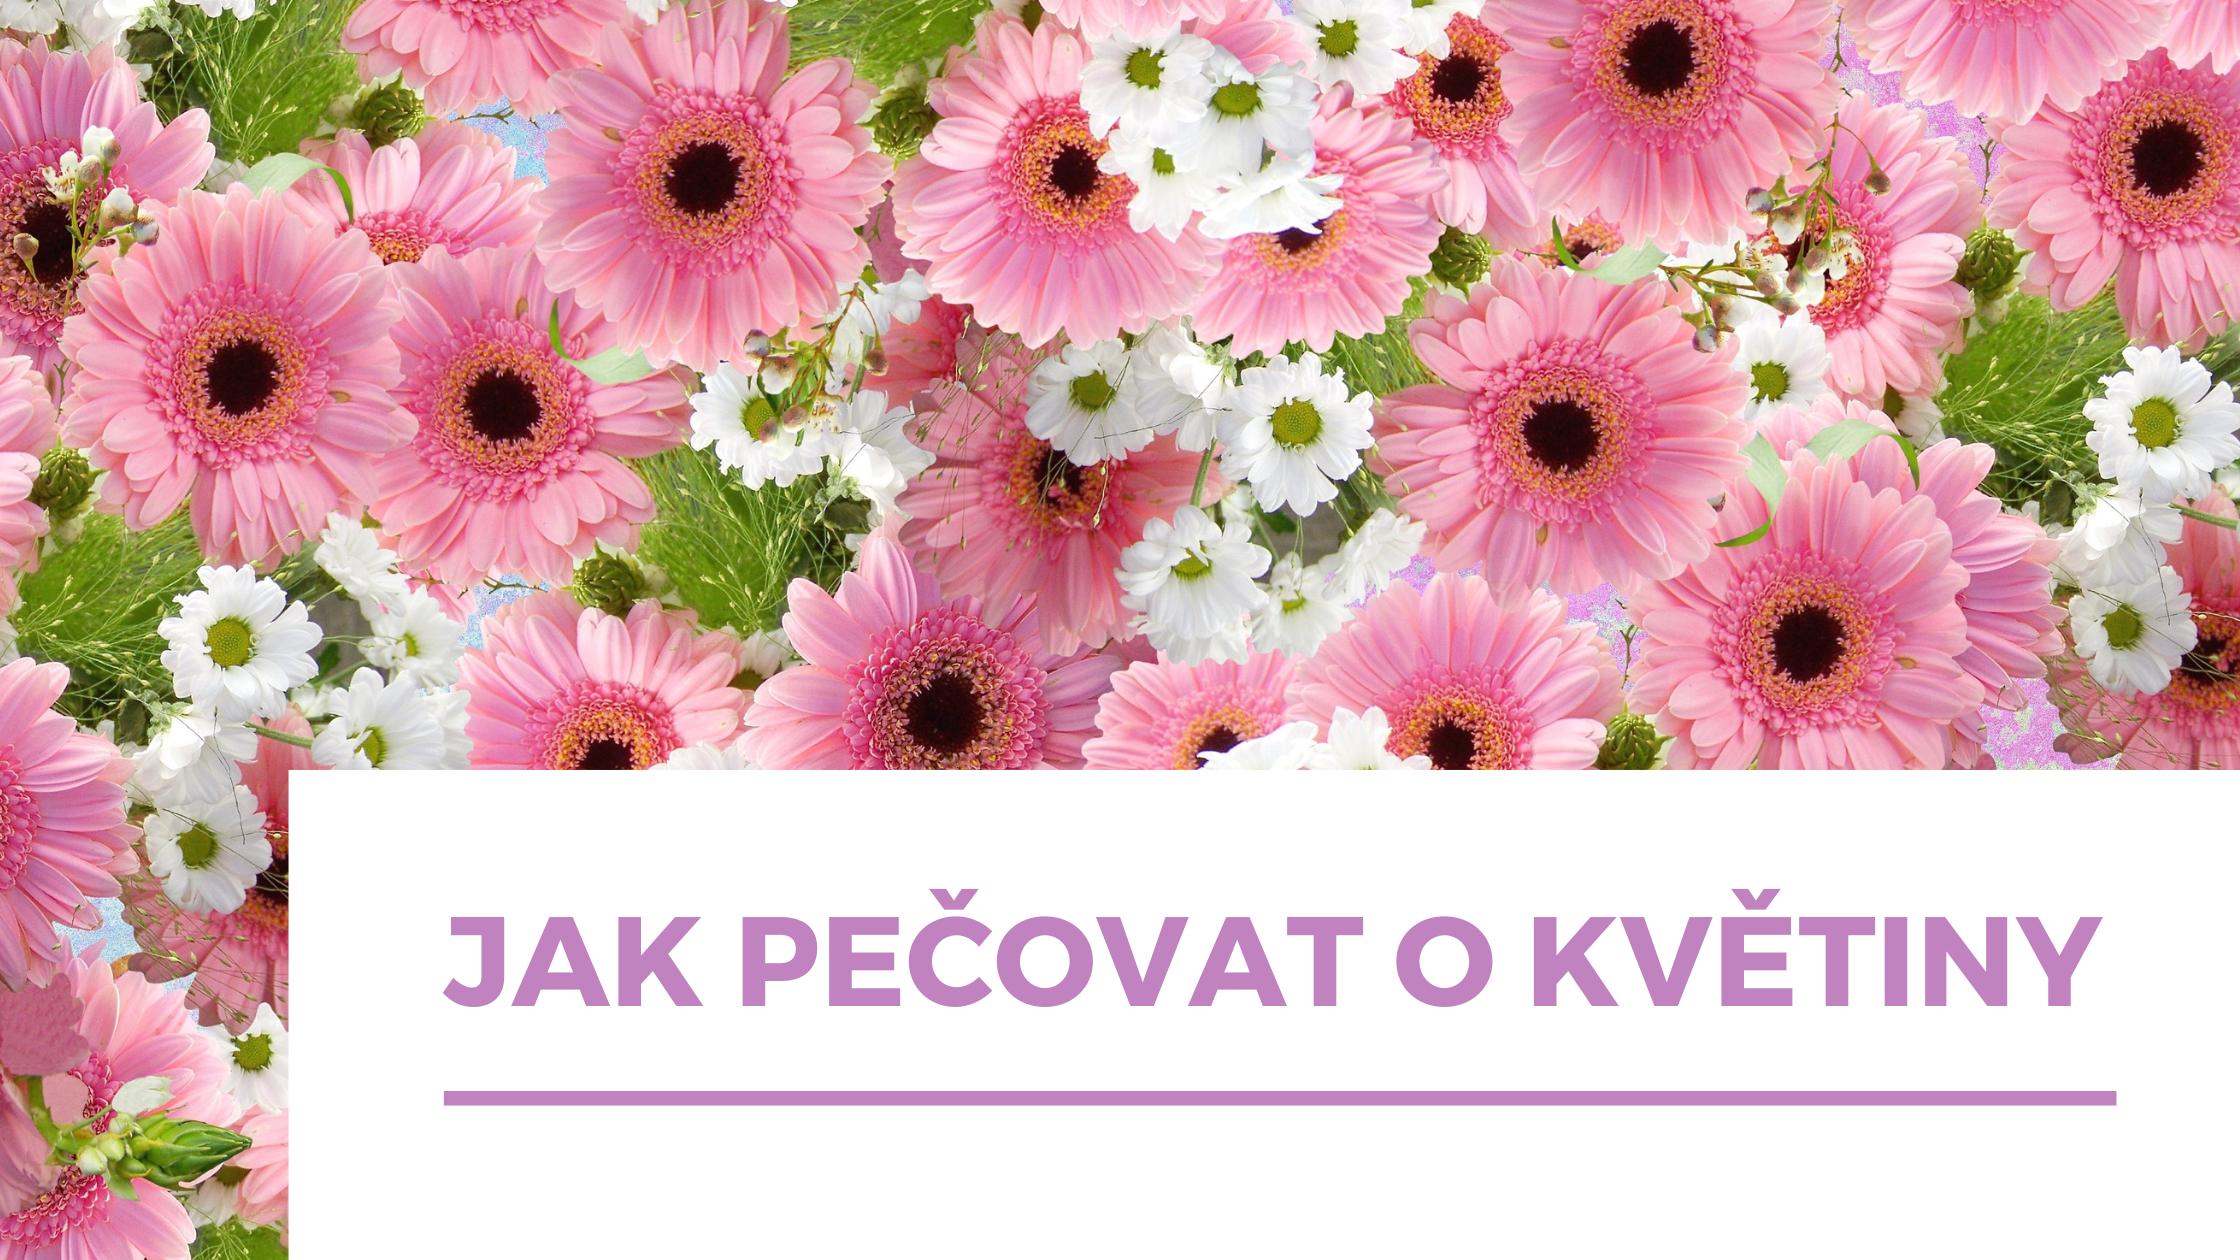 Jak udržet řezané květiny v kondici